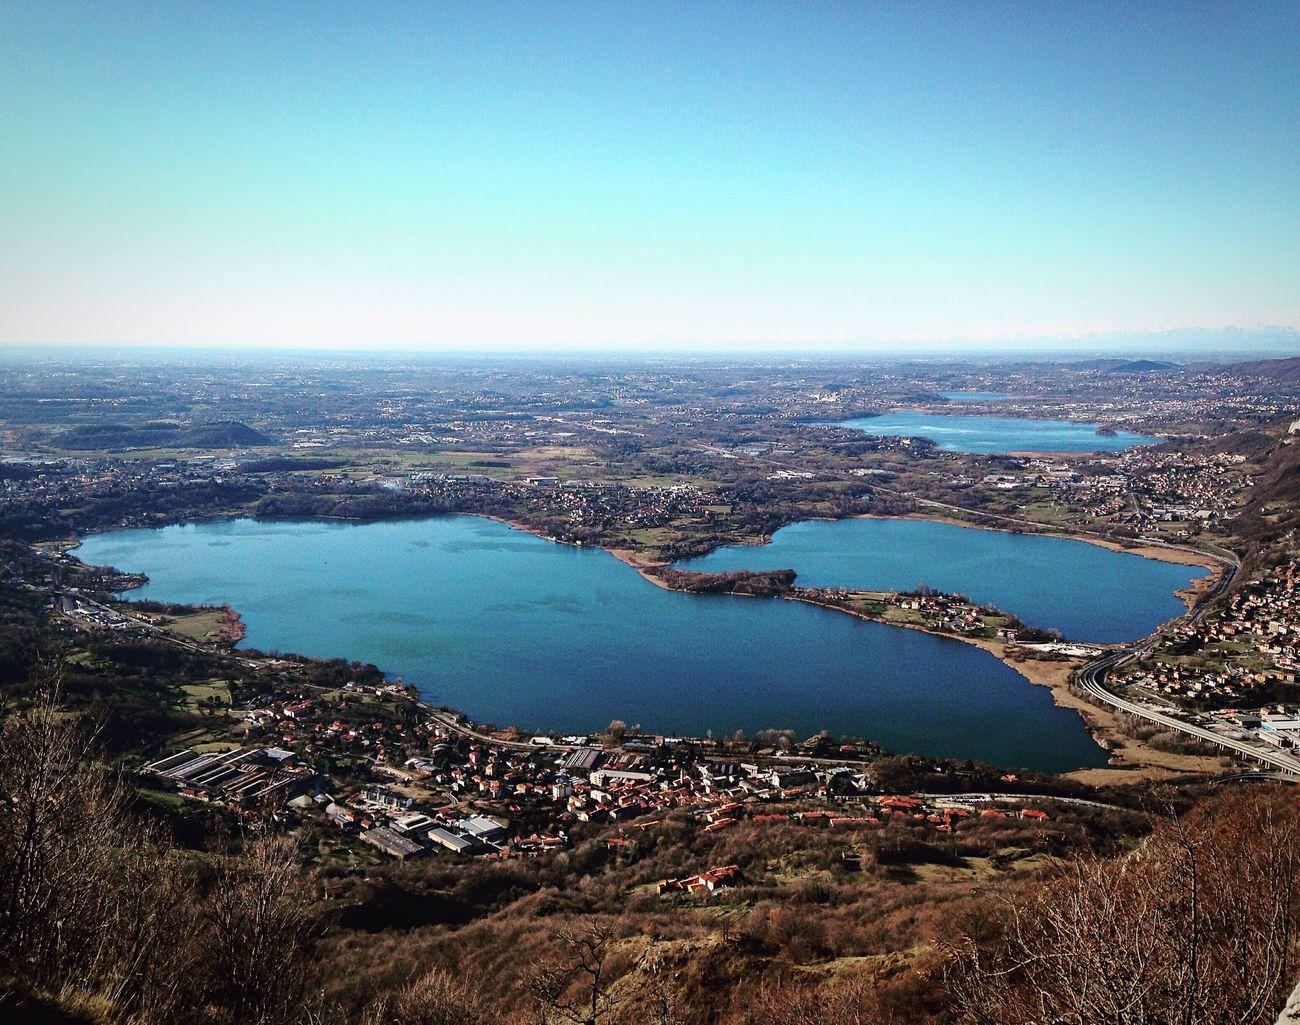 Montebarro Camminata Domenica Oggiono Oggionolake Pusianolake Lago Laghi Monte Sereno Sun Mountain Lake Verde Galbiate Amici Friends